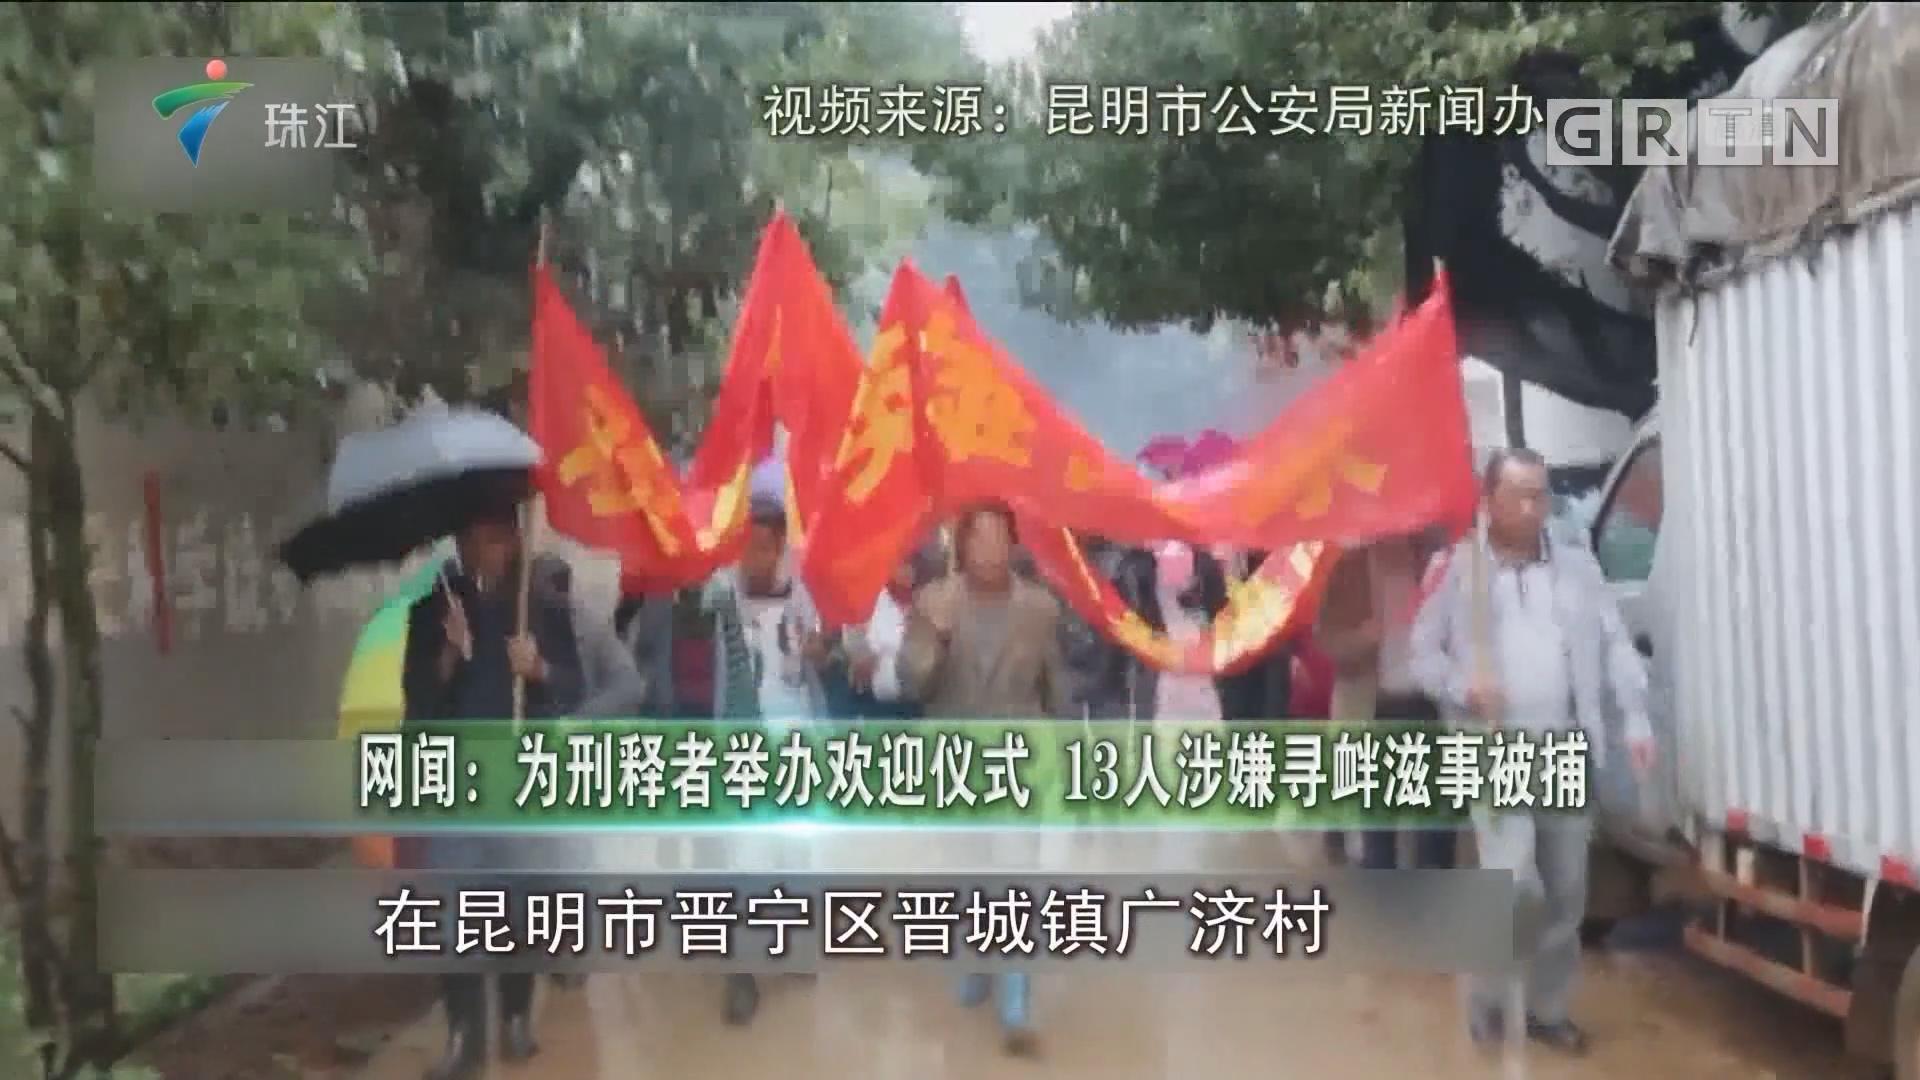 网闻:为刑释者举办欢迎仪式 13人涉嫌寻衅滋事被捕